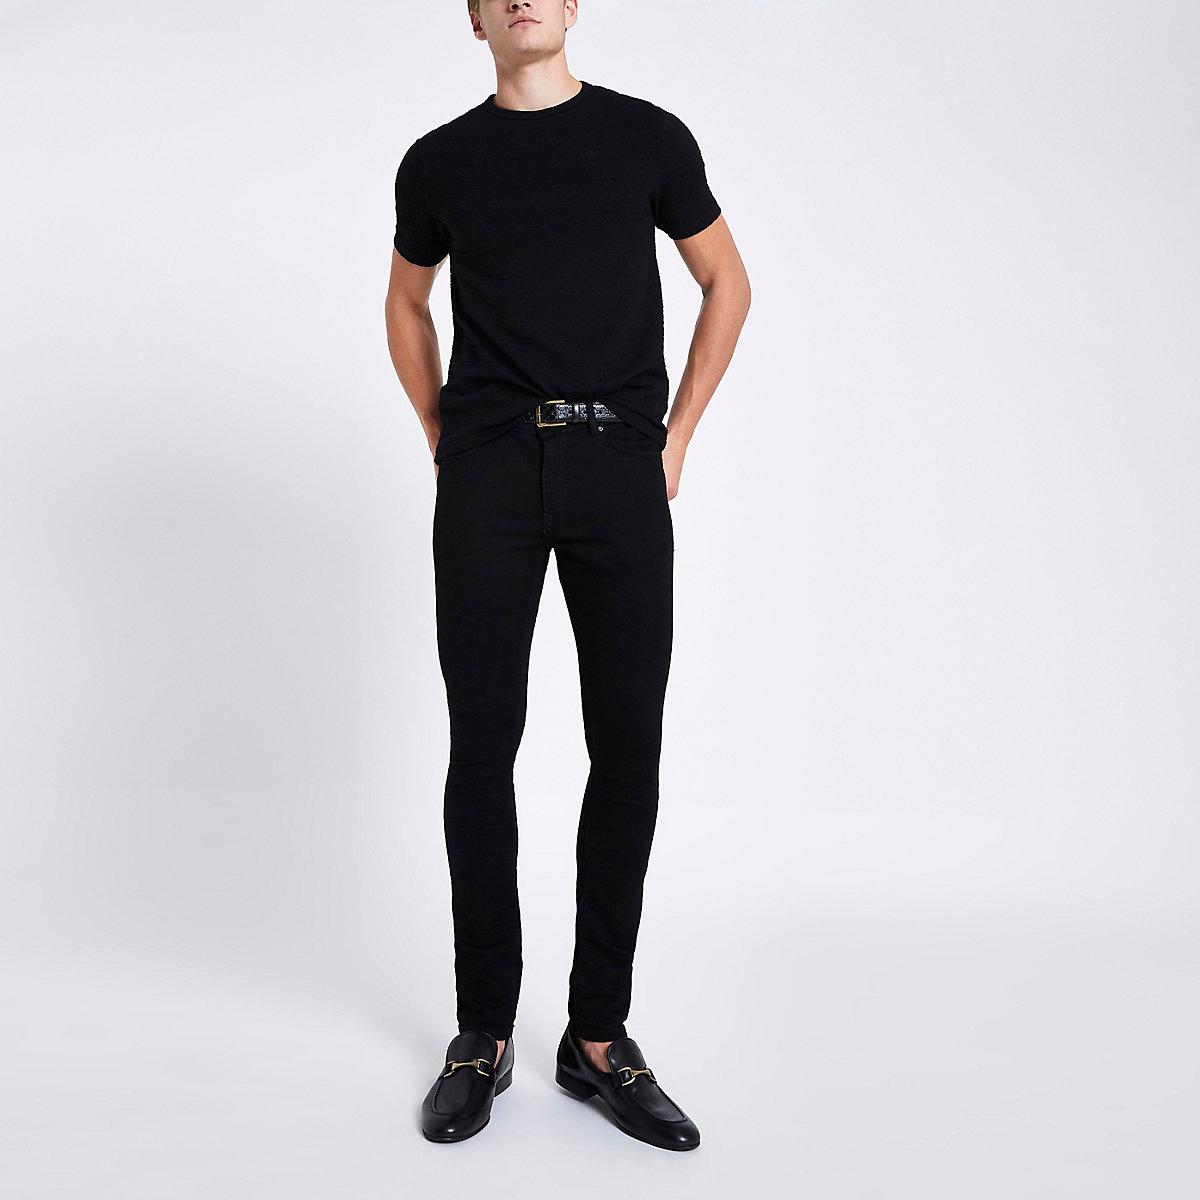 Black slim fit textured T-shirt